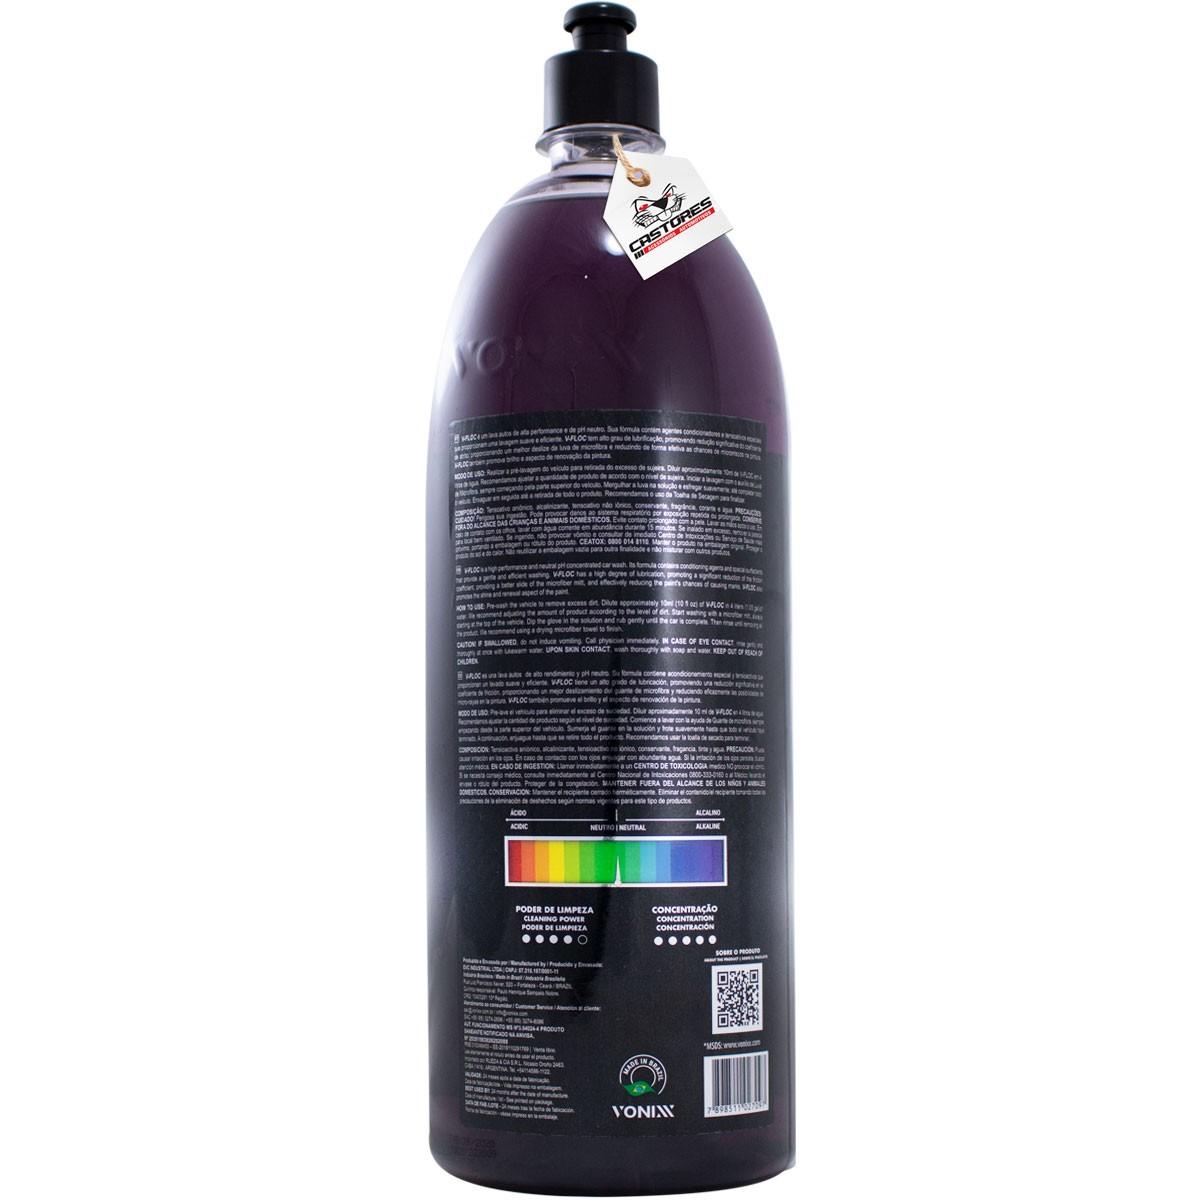 V-floc Vonixx Lava Auto Shampoo Super Concentrado 1,5L